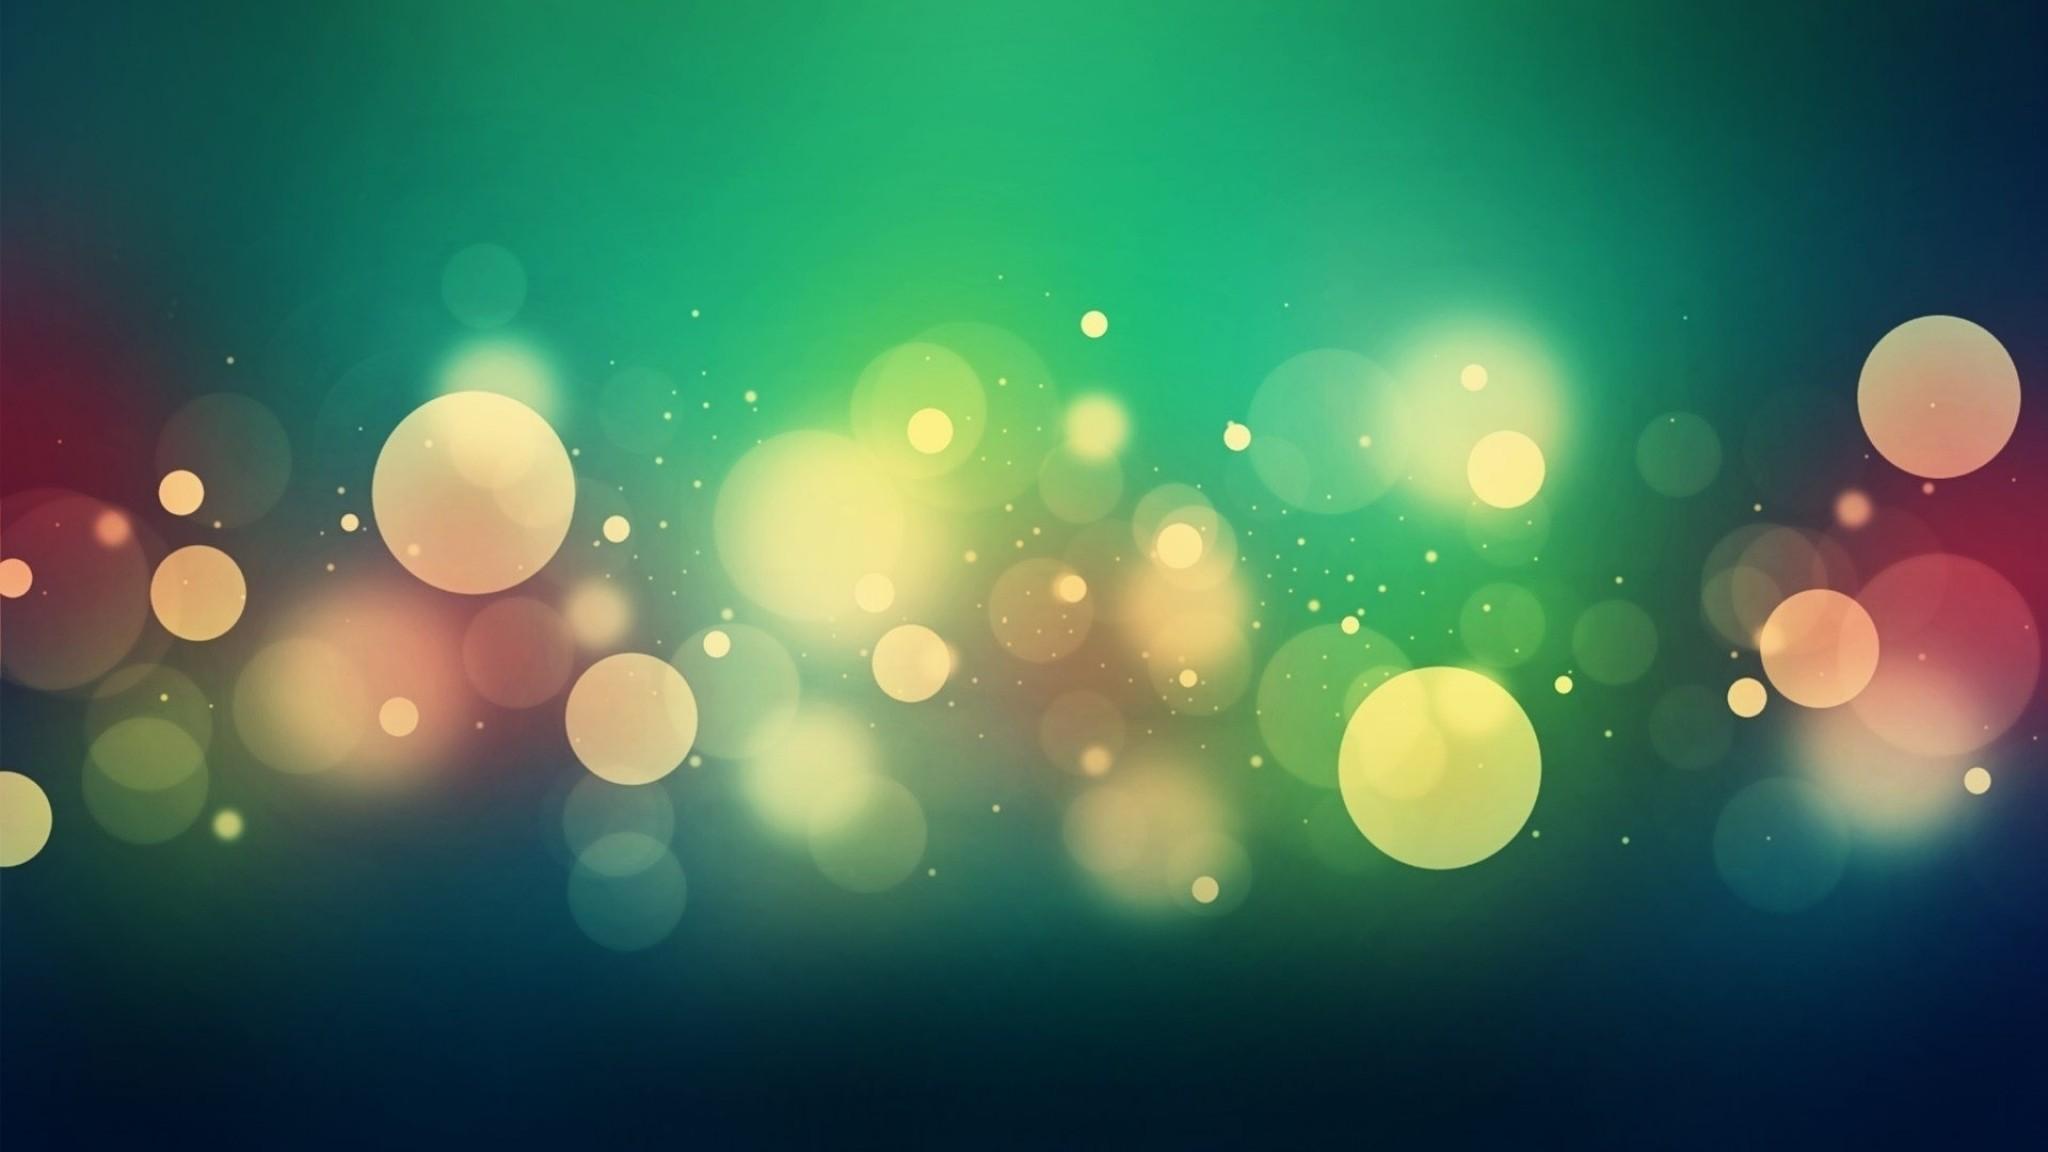 Wallpaper glare, light, glitter, backgrounds